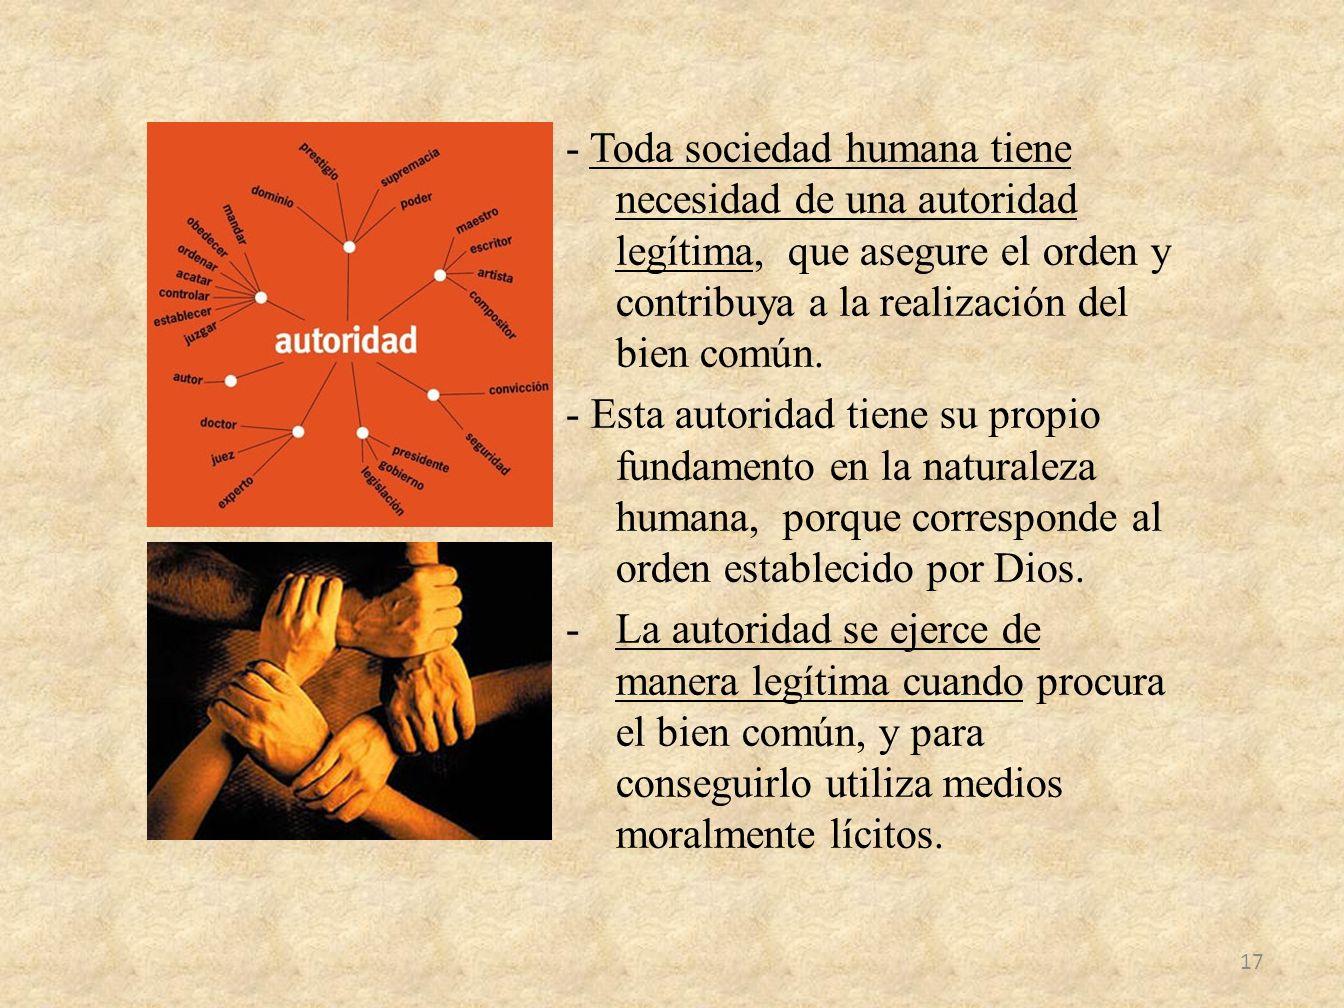 - Toda sociedad humana tiene necesidad de una autoridad legítima, que asegure el orden y contribuya a la realización del bien común. - Esta autoridad